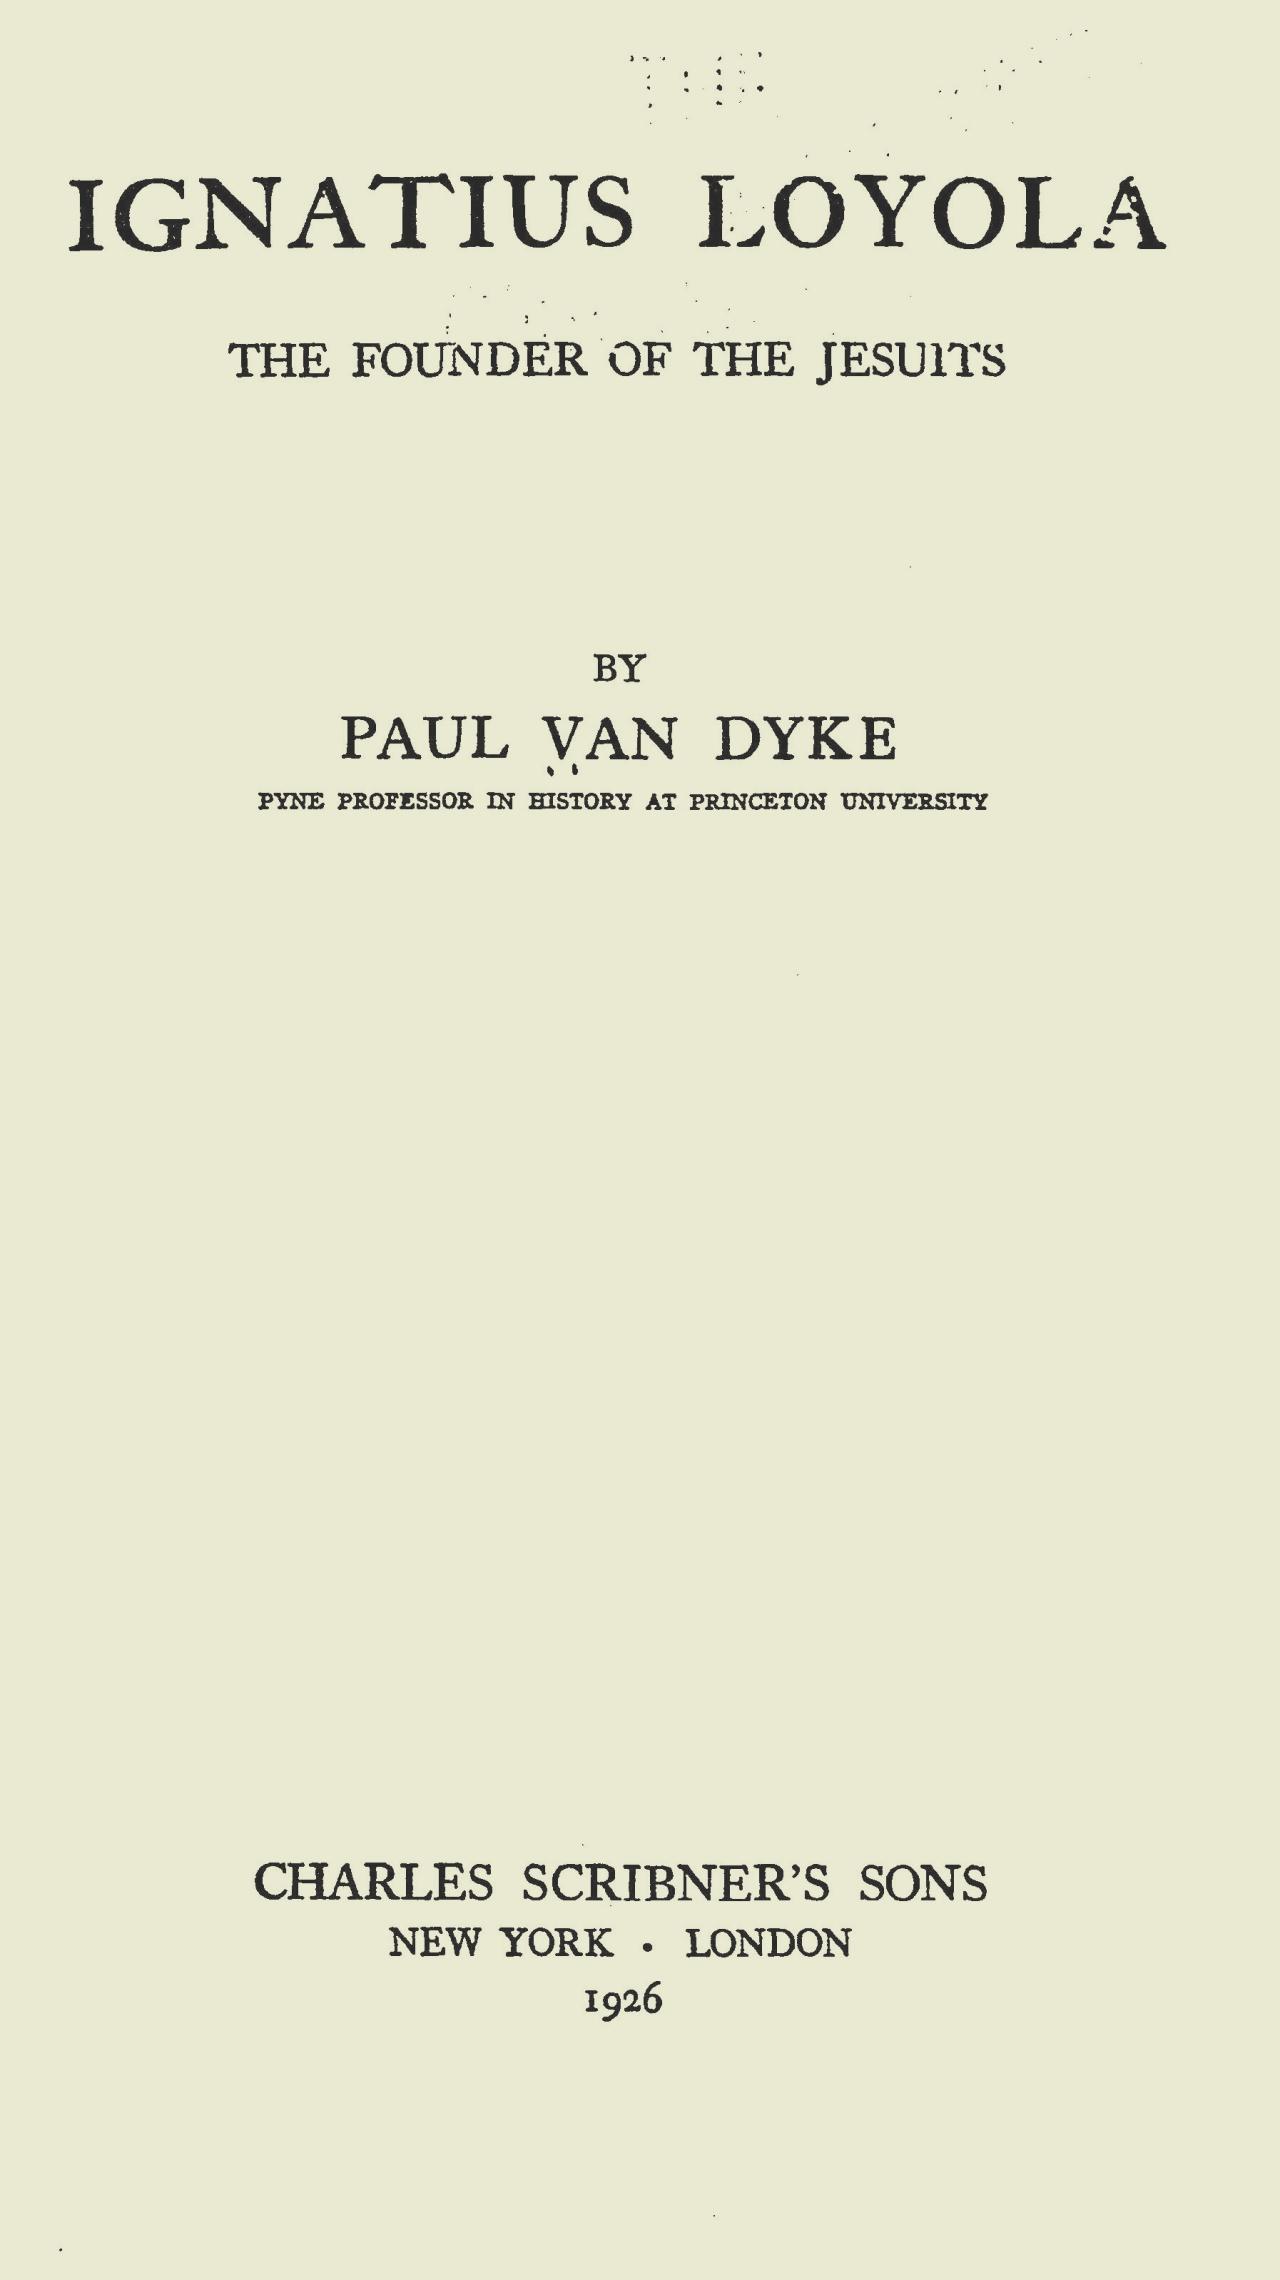 Van Dyke, Paul, Ignatius Loyola Title Page.jpg